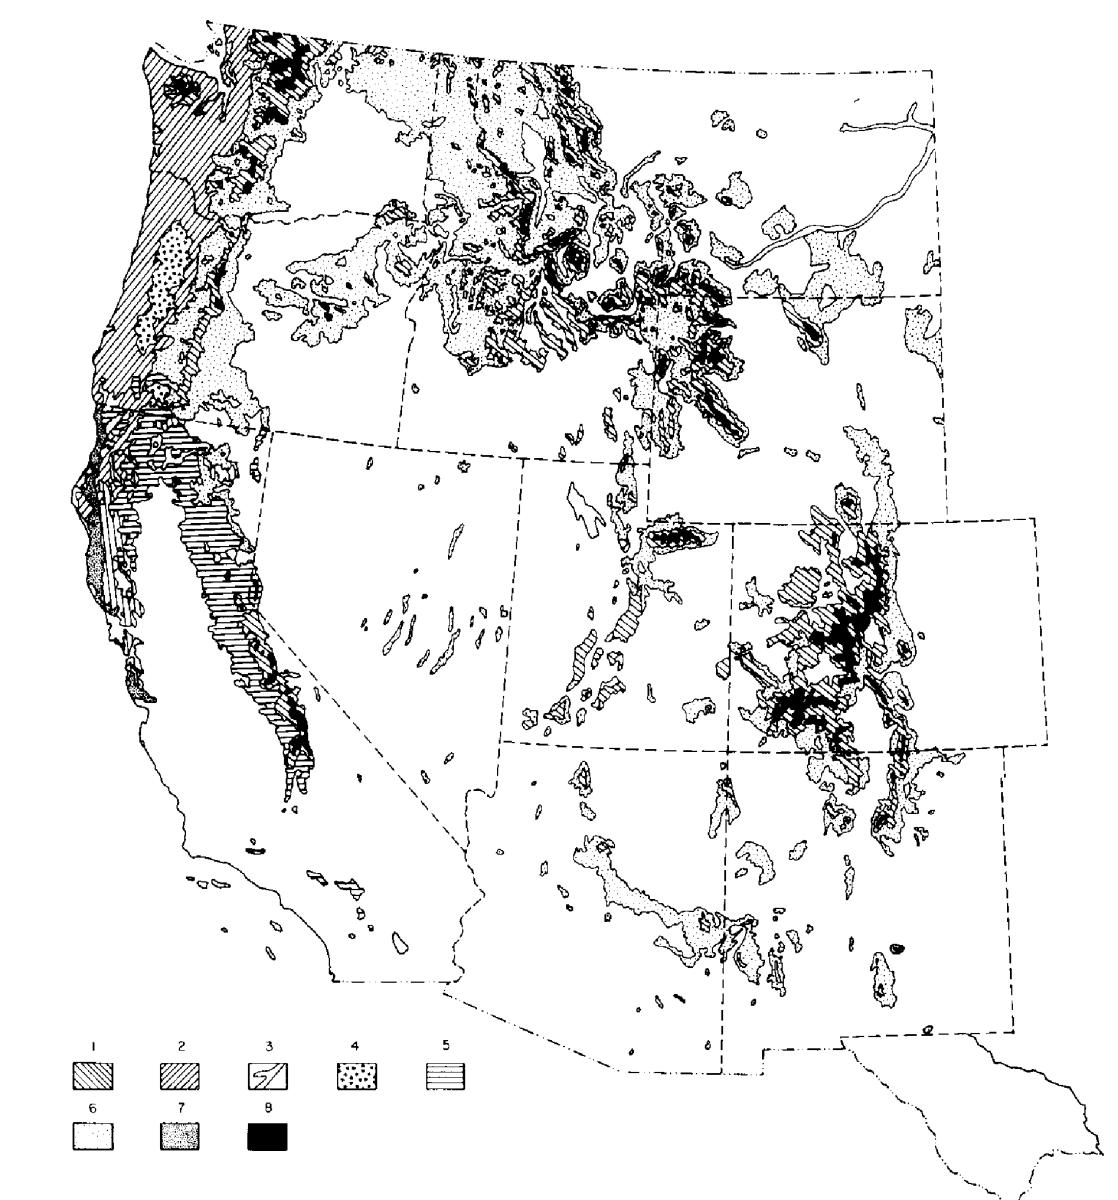 california-during-the-last-glacial-maximum